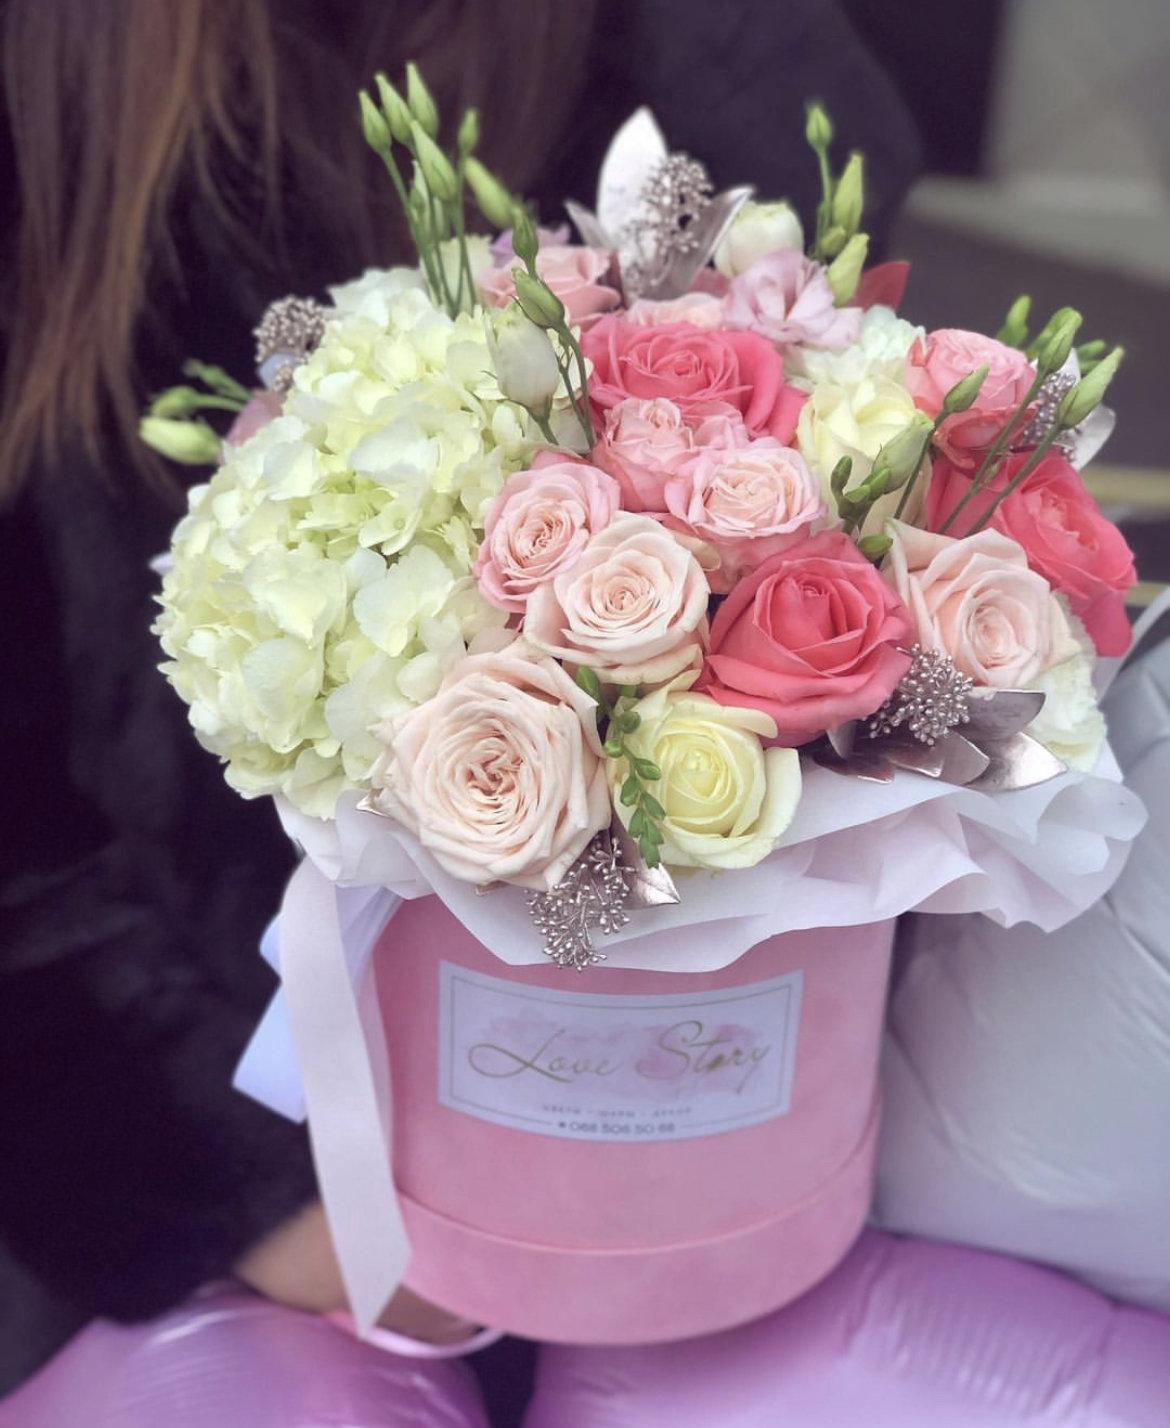 БЕСПЛАТНАЯ доставка голландских тюльпанов к вашему дому!, фото-1